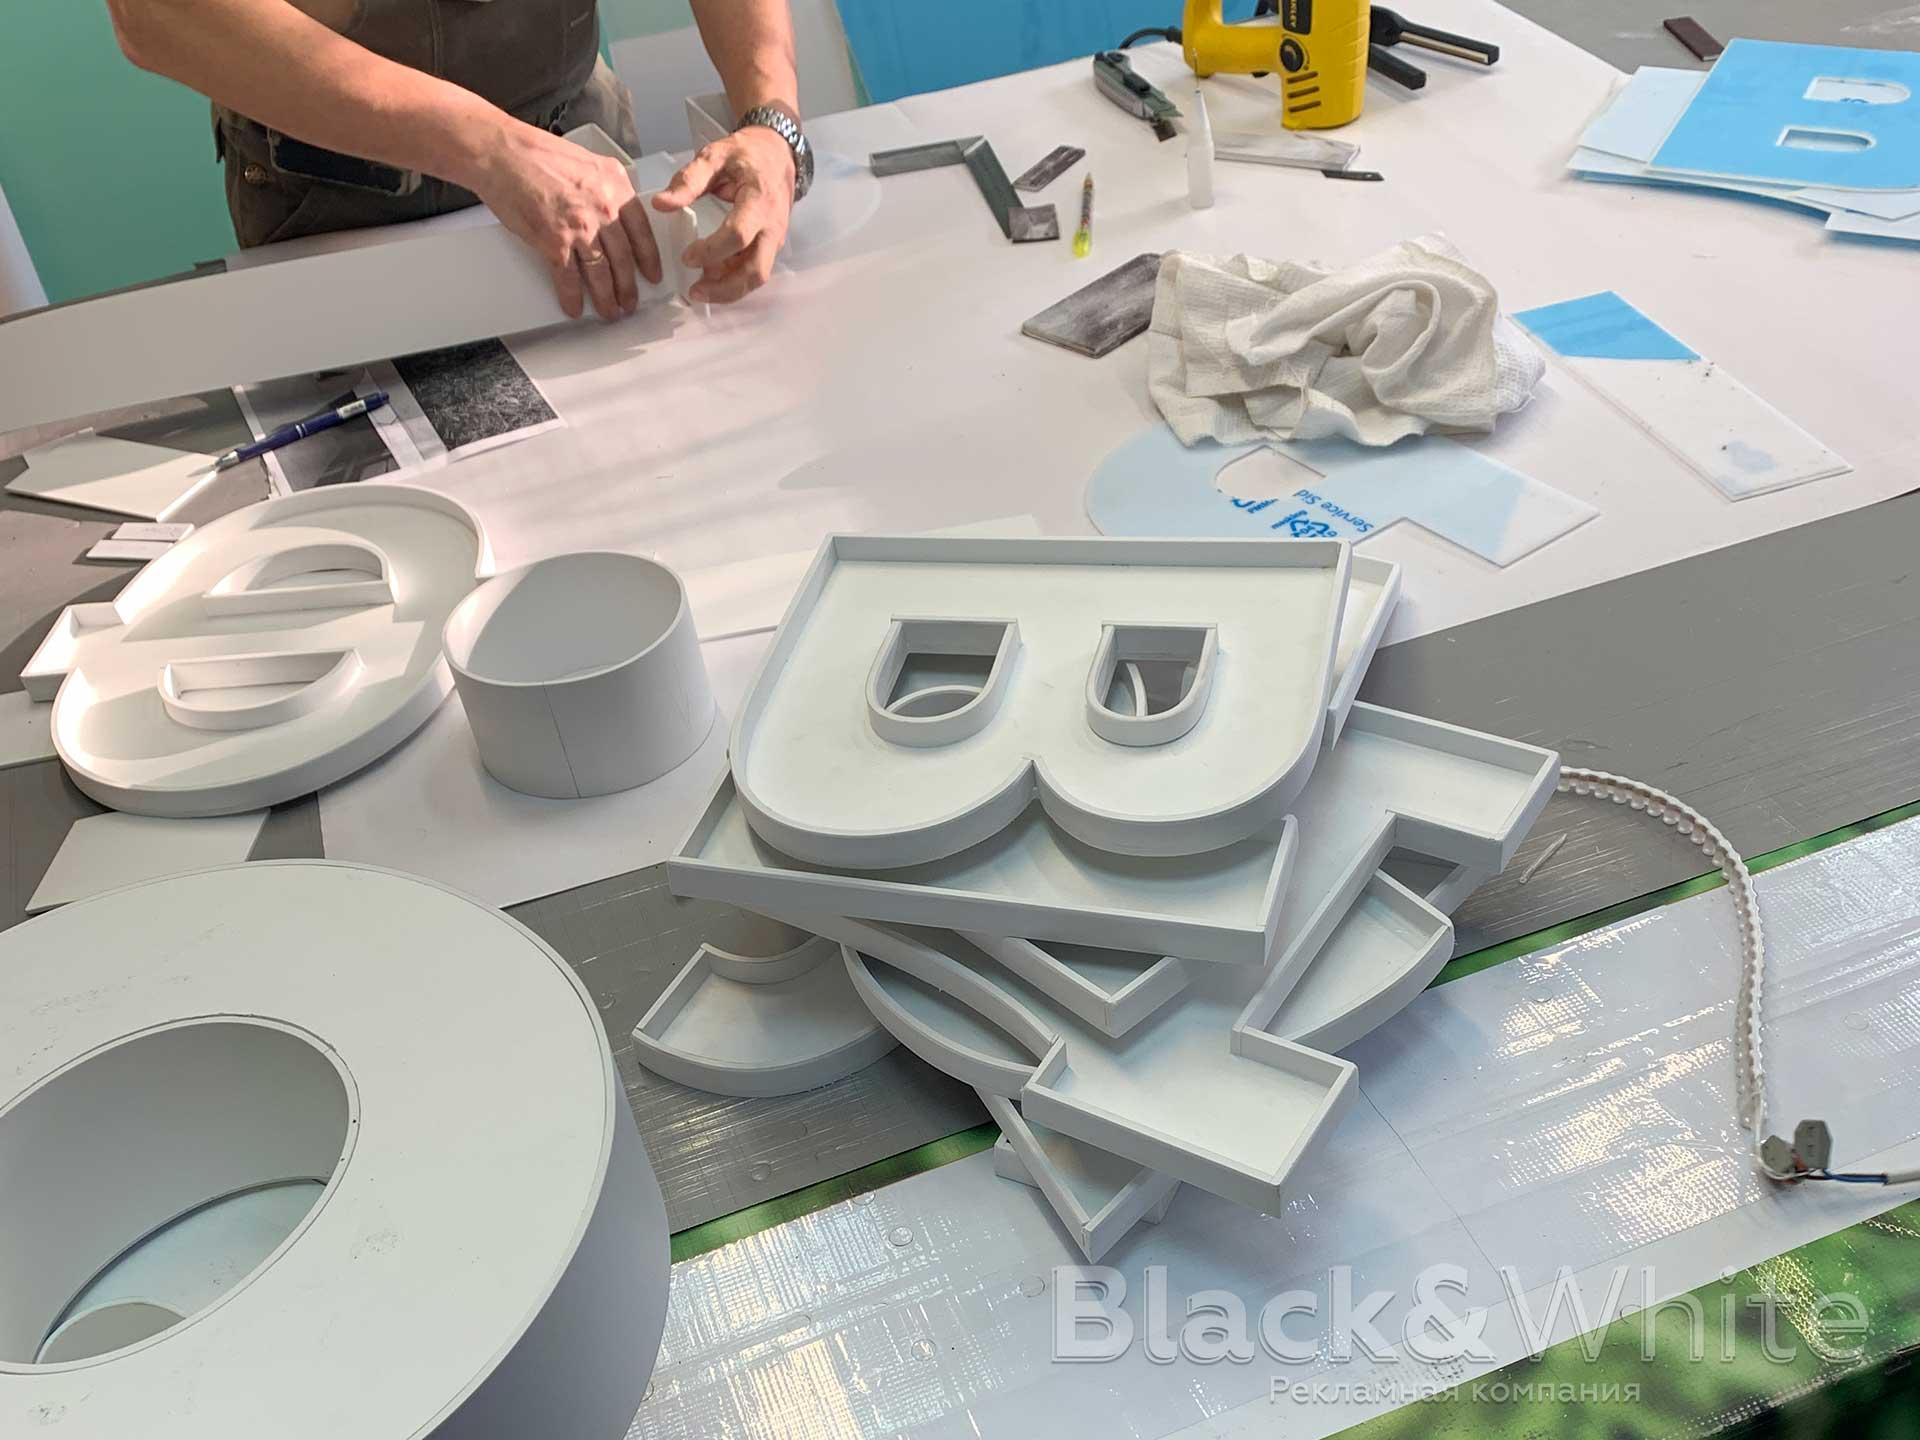 просес-Изготовления-световой-вывески-с-объёмными-буквами-для-торговой-компании-в-Красноярске1.jpg